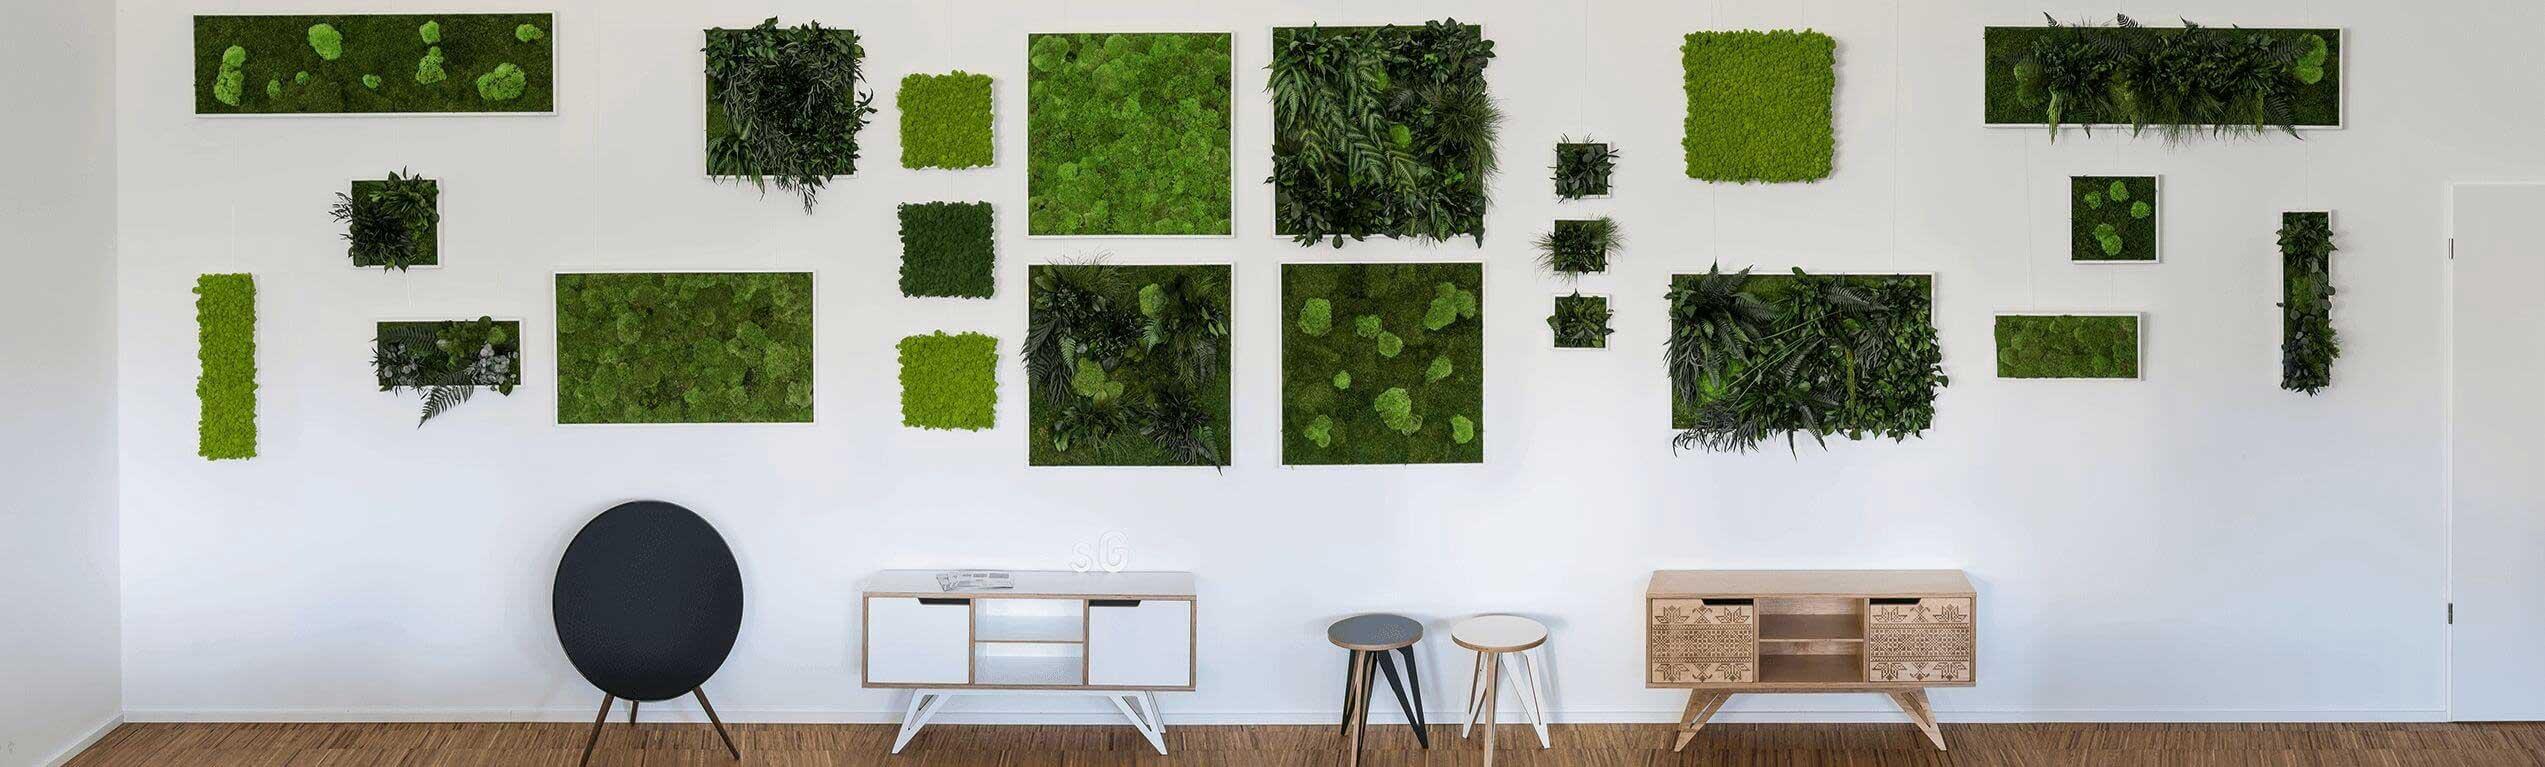 Moosbilder-Pflanzenbilder-Showroomwand-kleinS7wr18JWJFApW